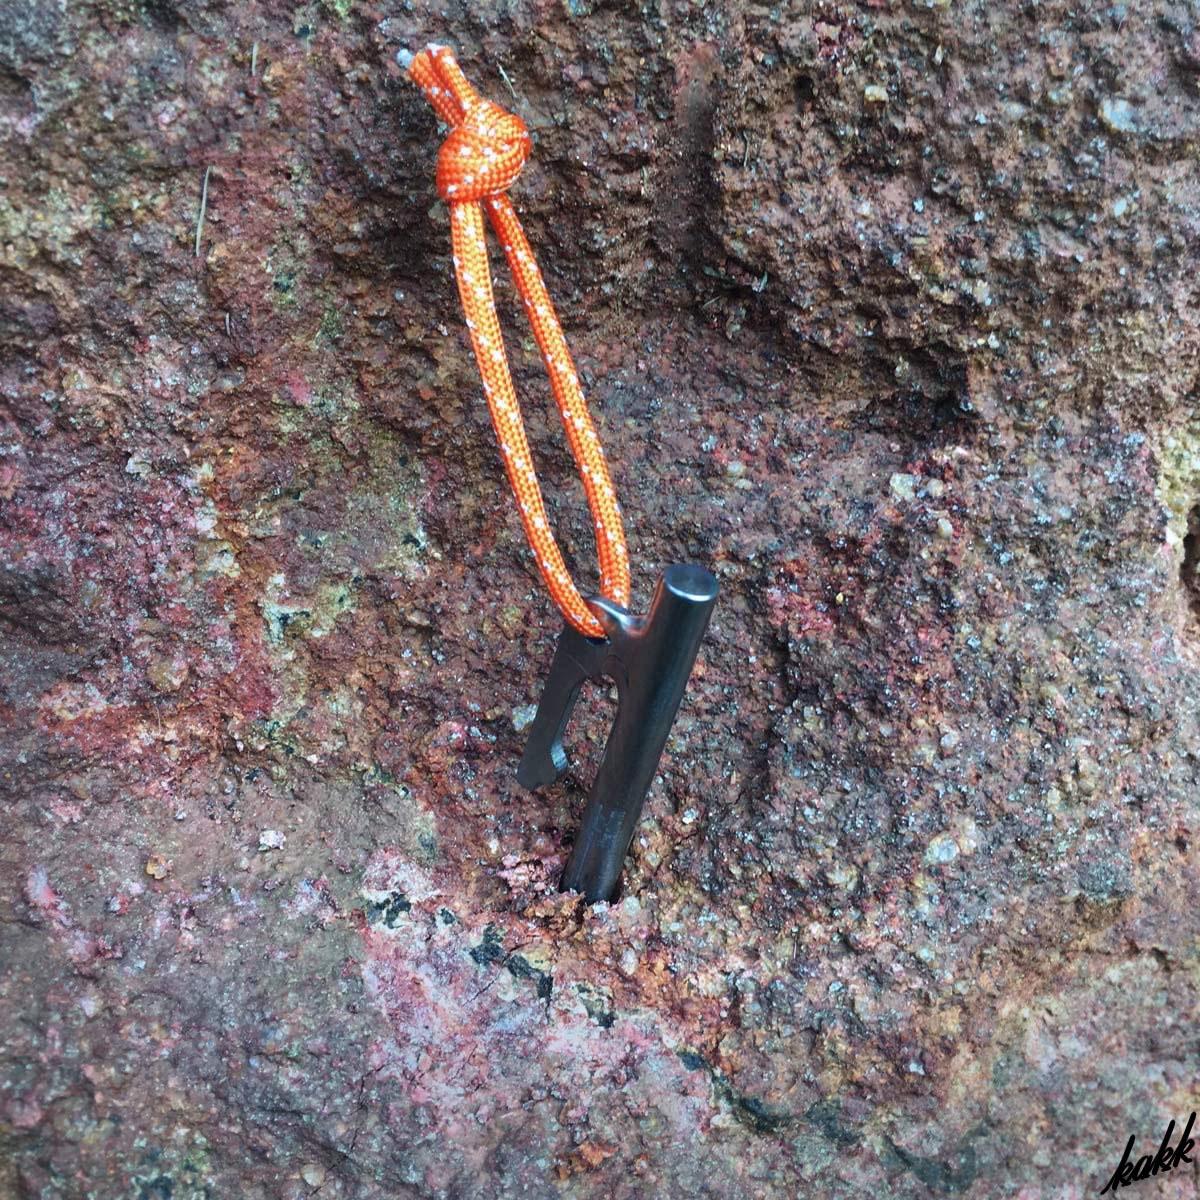 【強靭チタンペグ】 軽量ソリッドステーク 6本セット 20cm 硬い地面に対応 テント用 タープ用 アウトドア キャンプ 旅行 レジャー